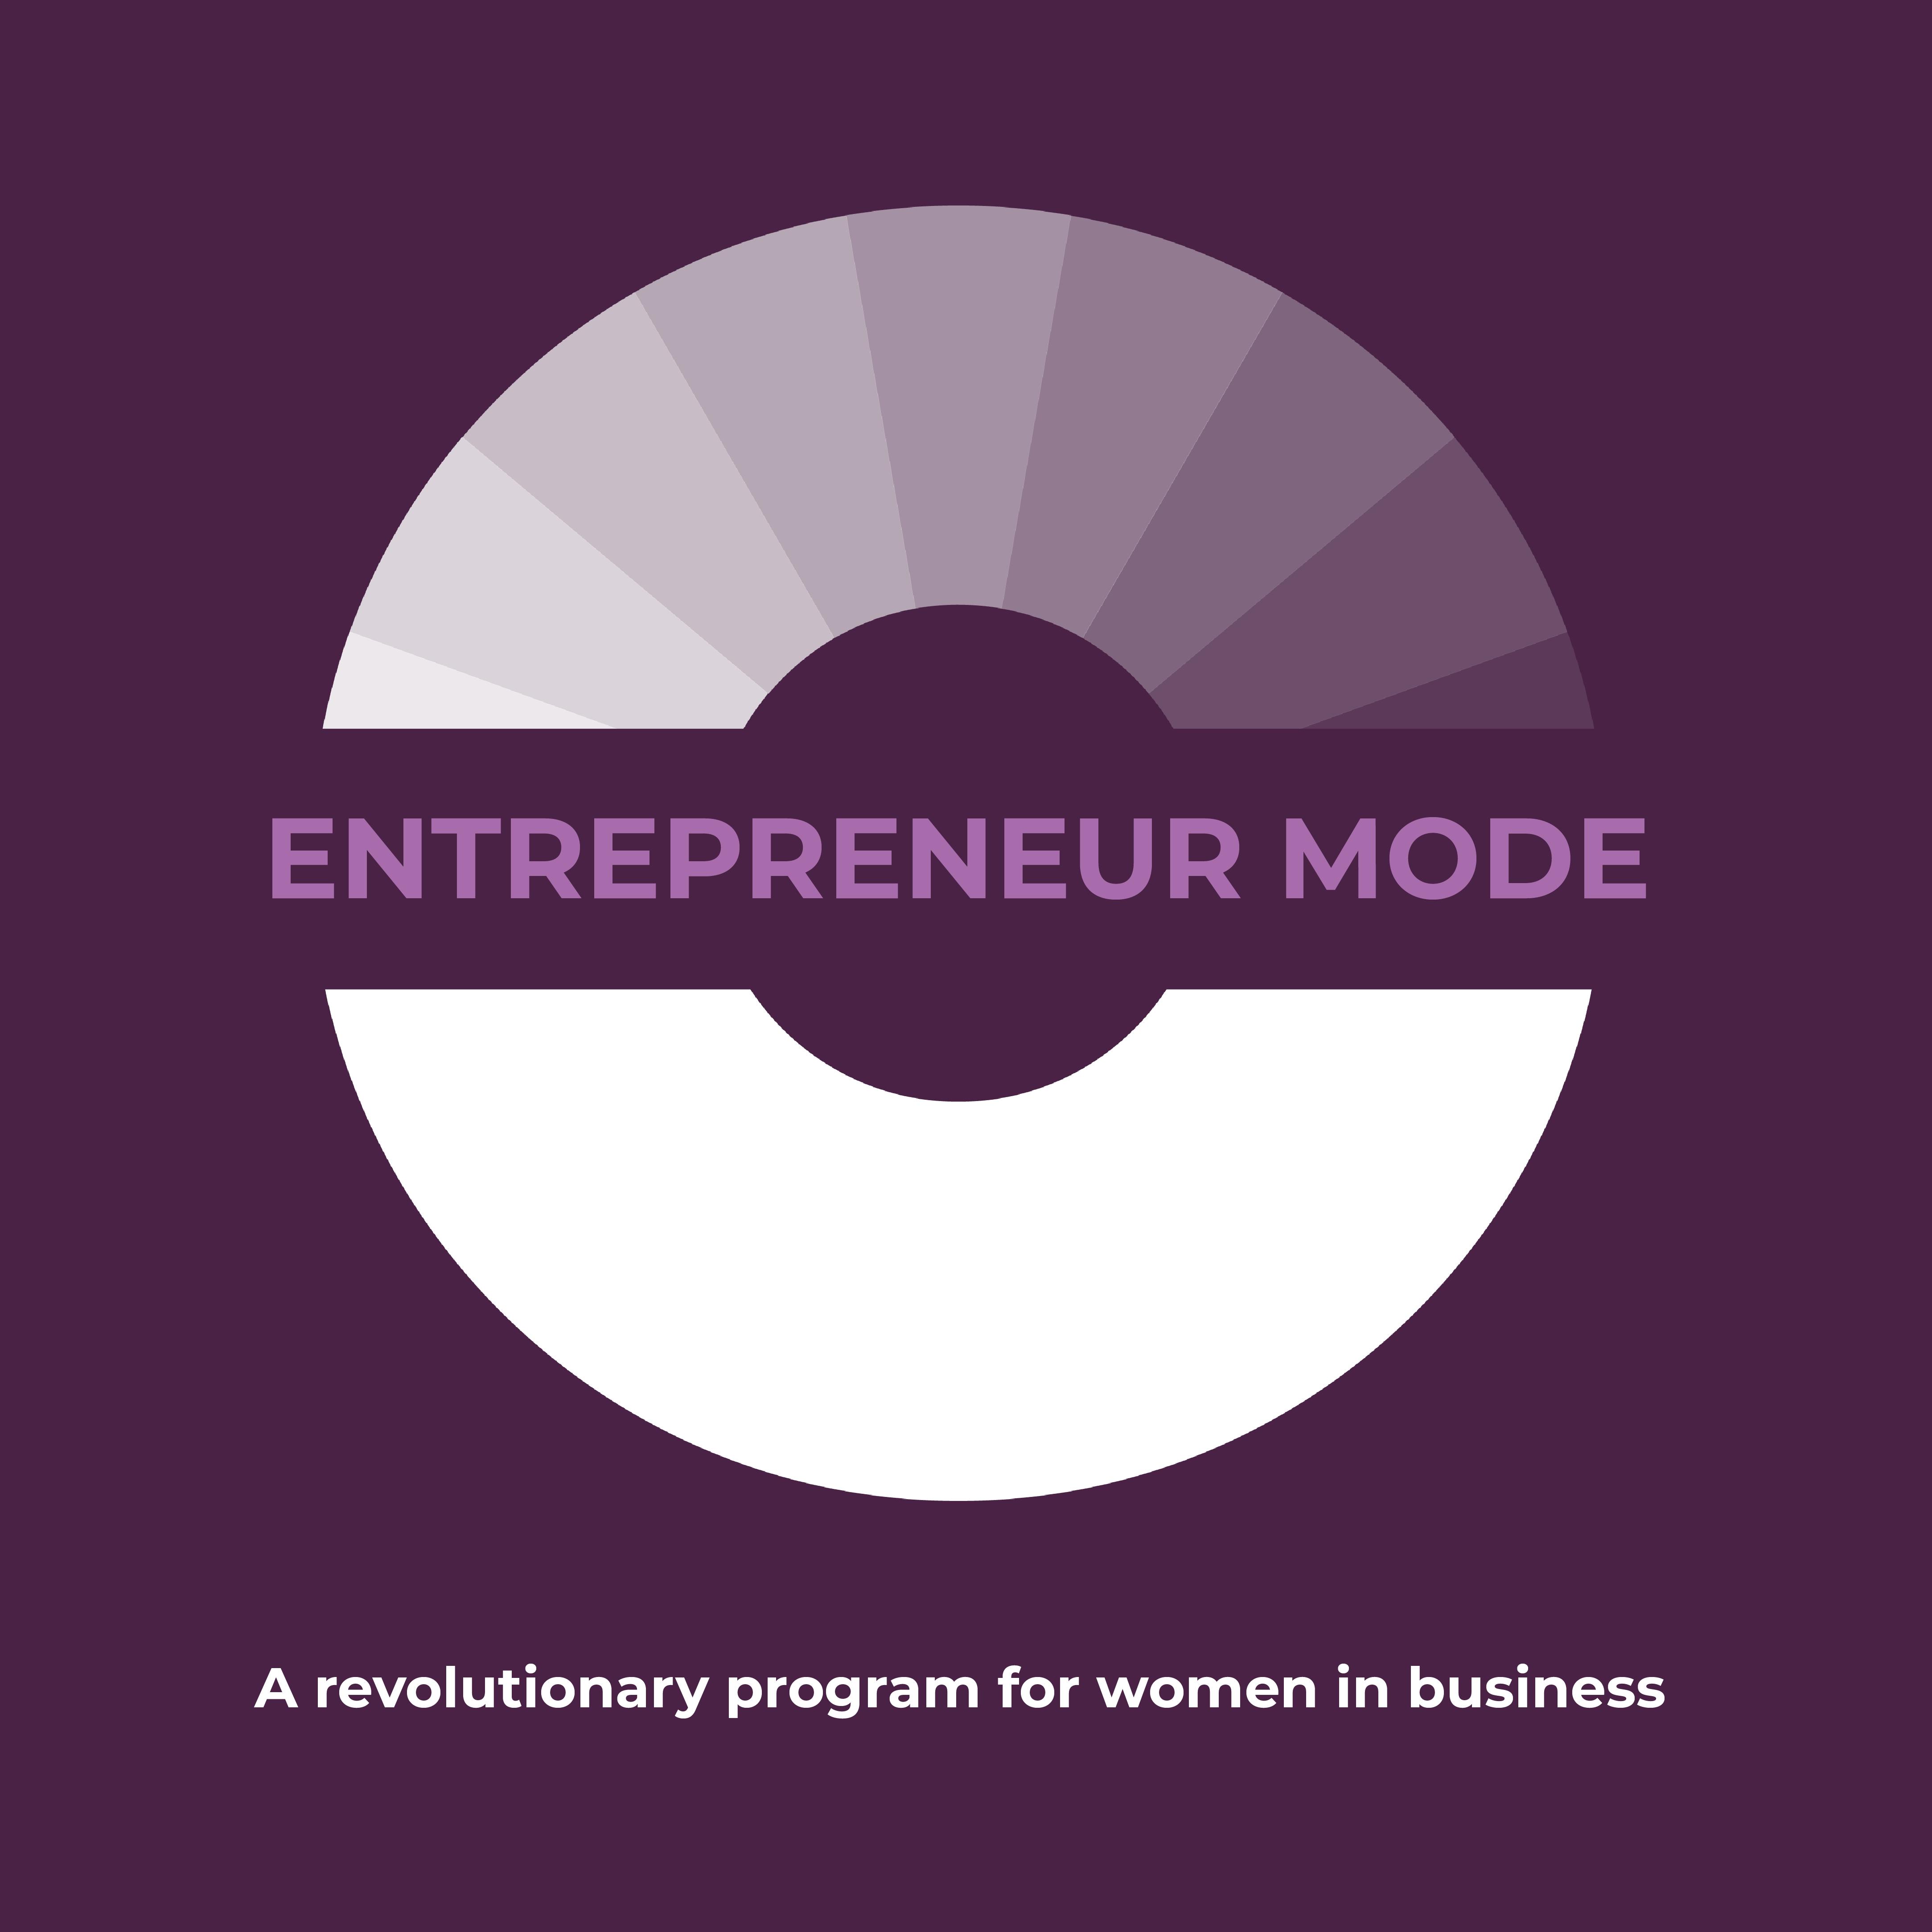 A revolutionary program for women in business called Entrepreneur Mode